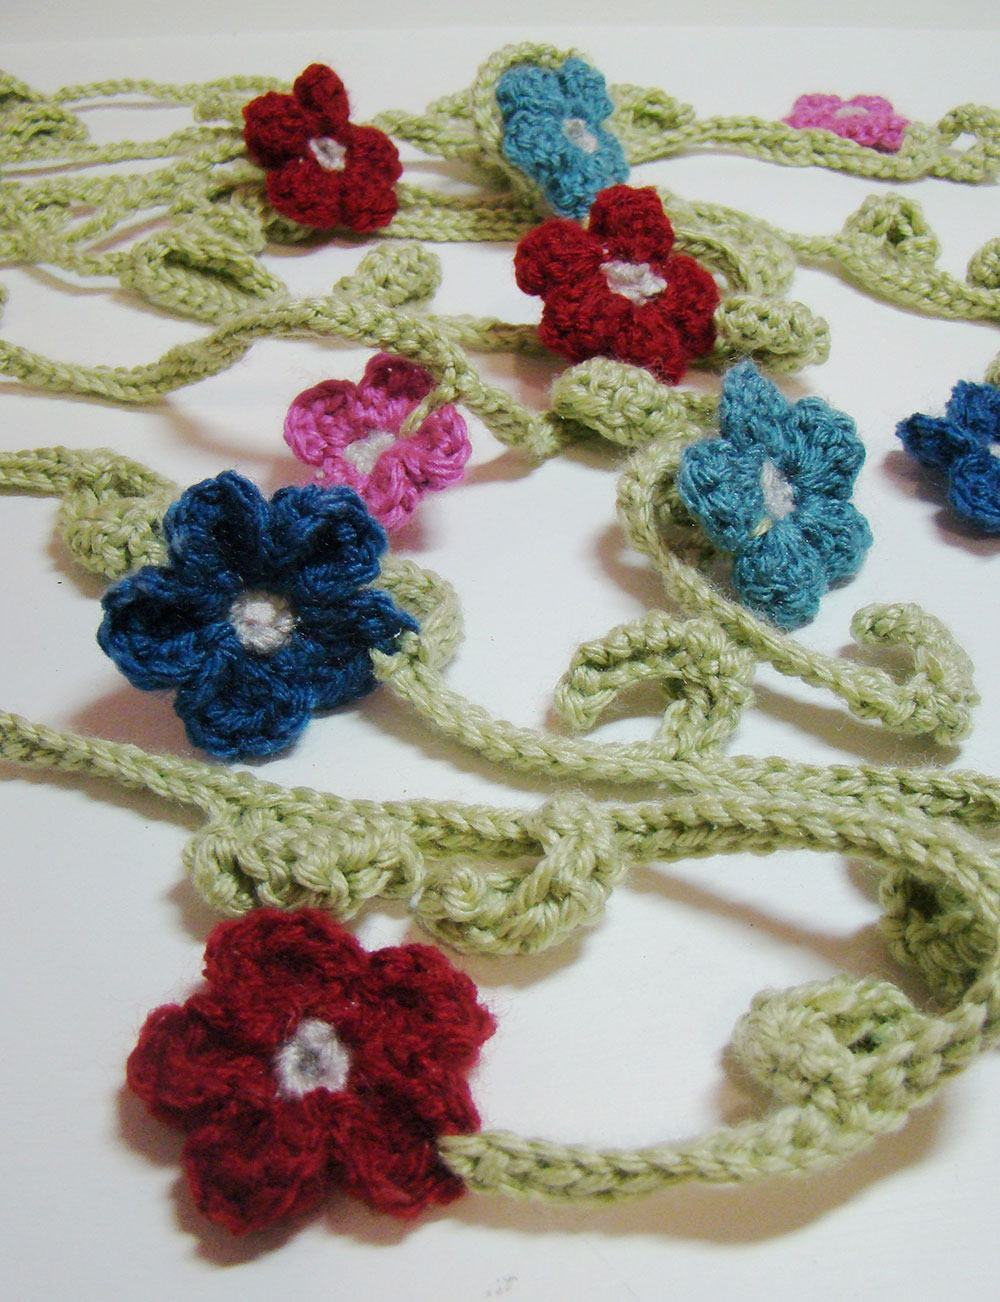 Flores de crochê pequenas unidas por correntinhas